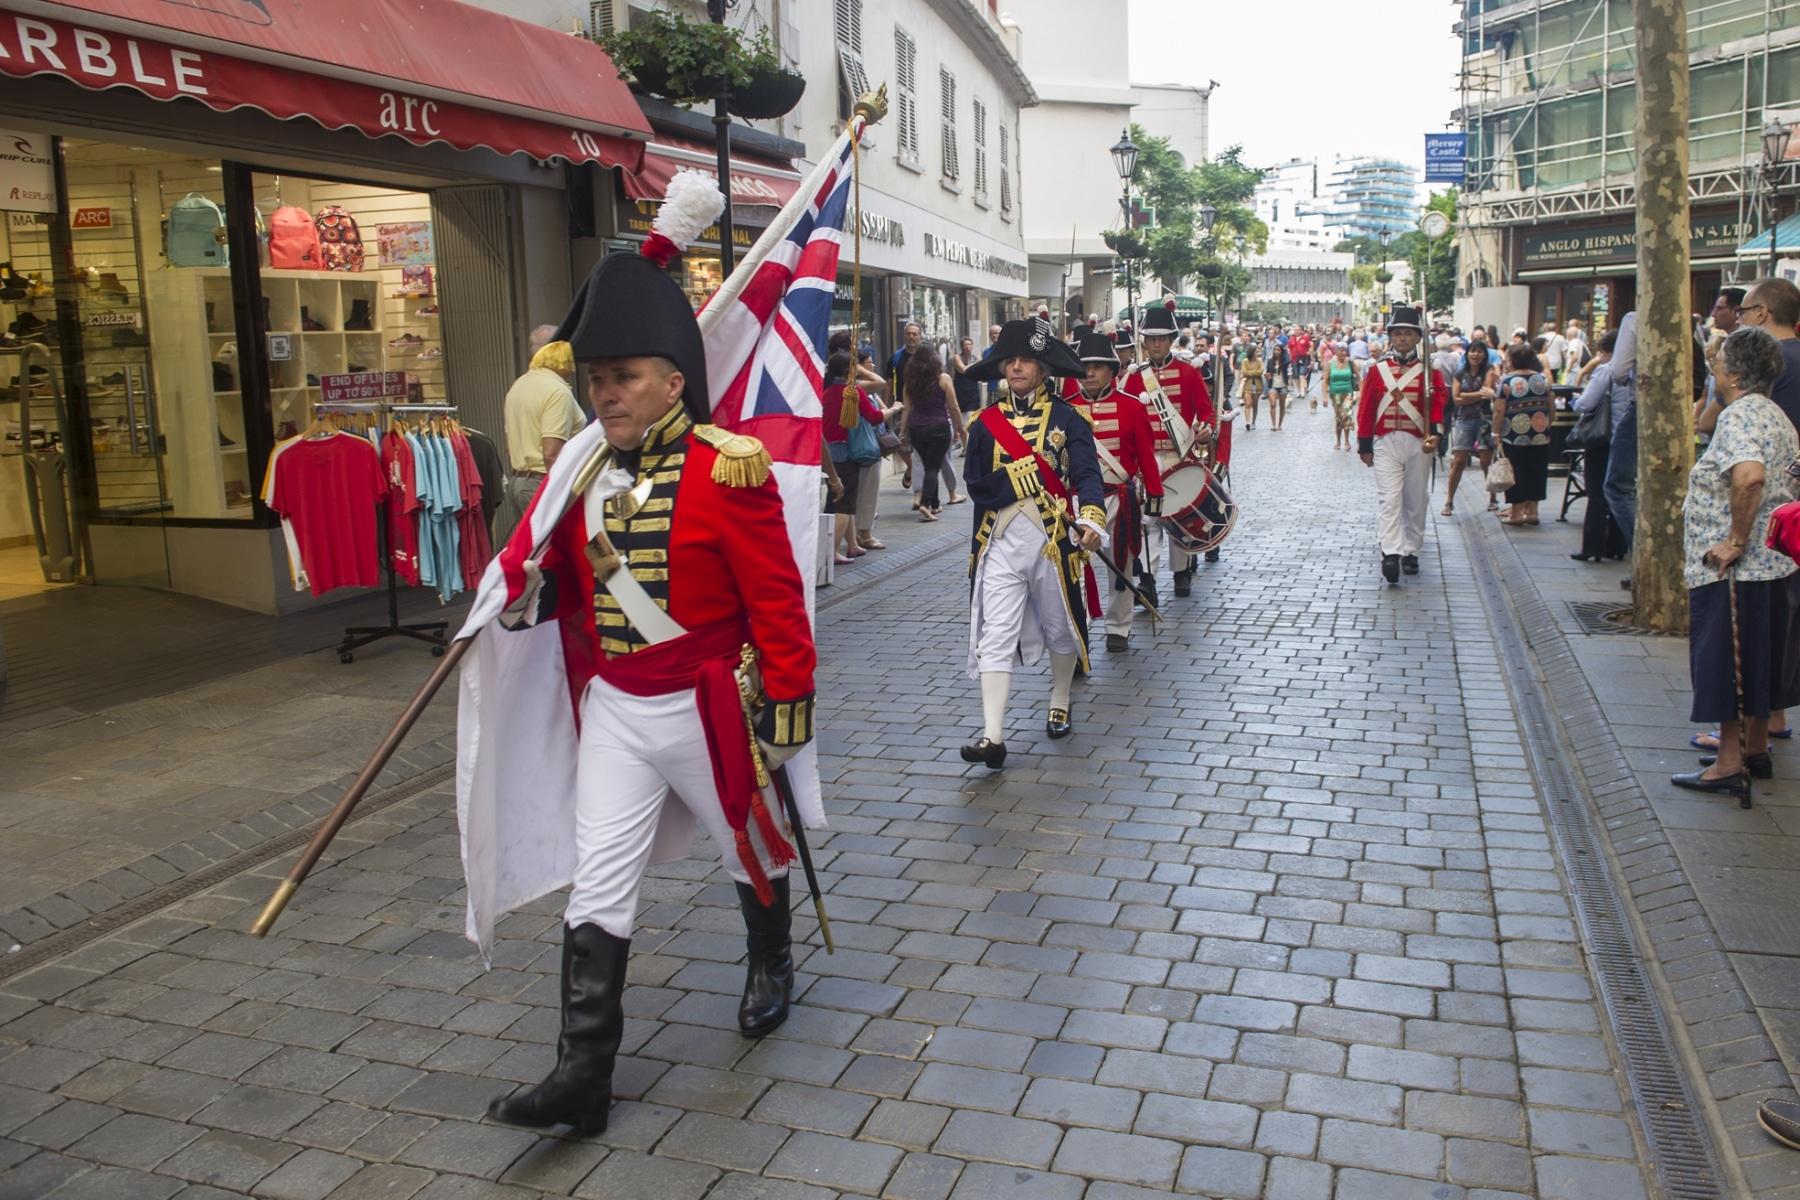 desfile-de-la-libertad-de-la-ciudad-gibraltar16_9858759046_o